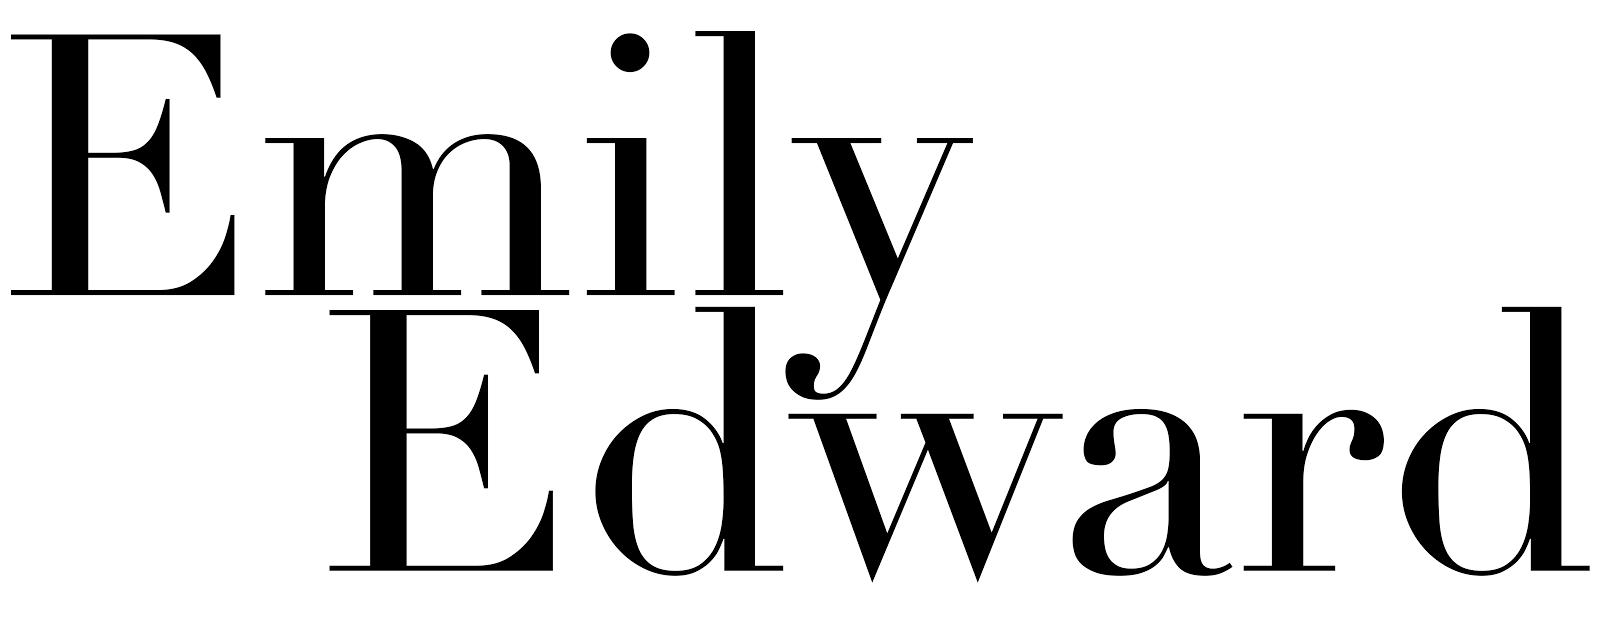 Emily Edward